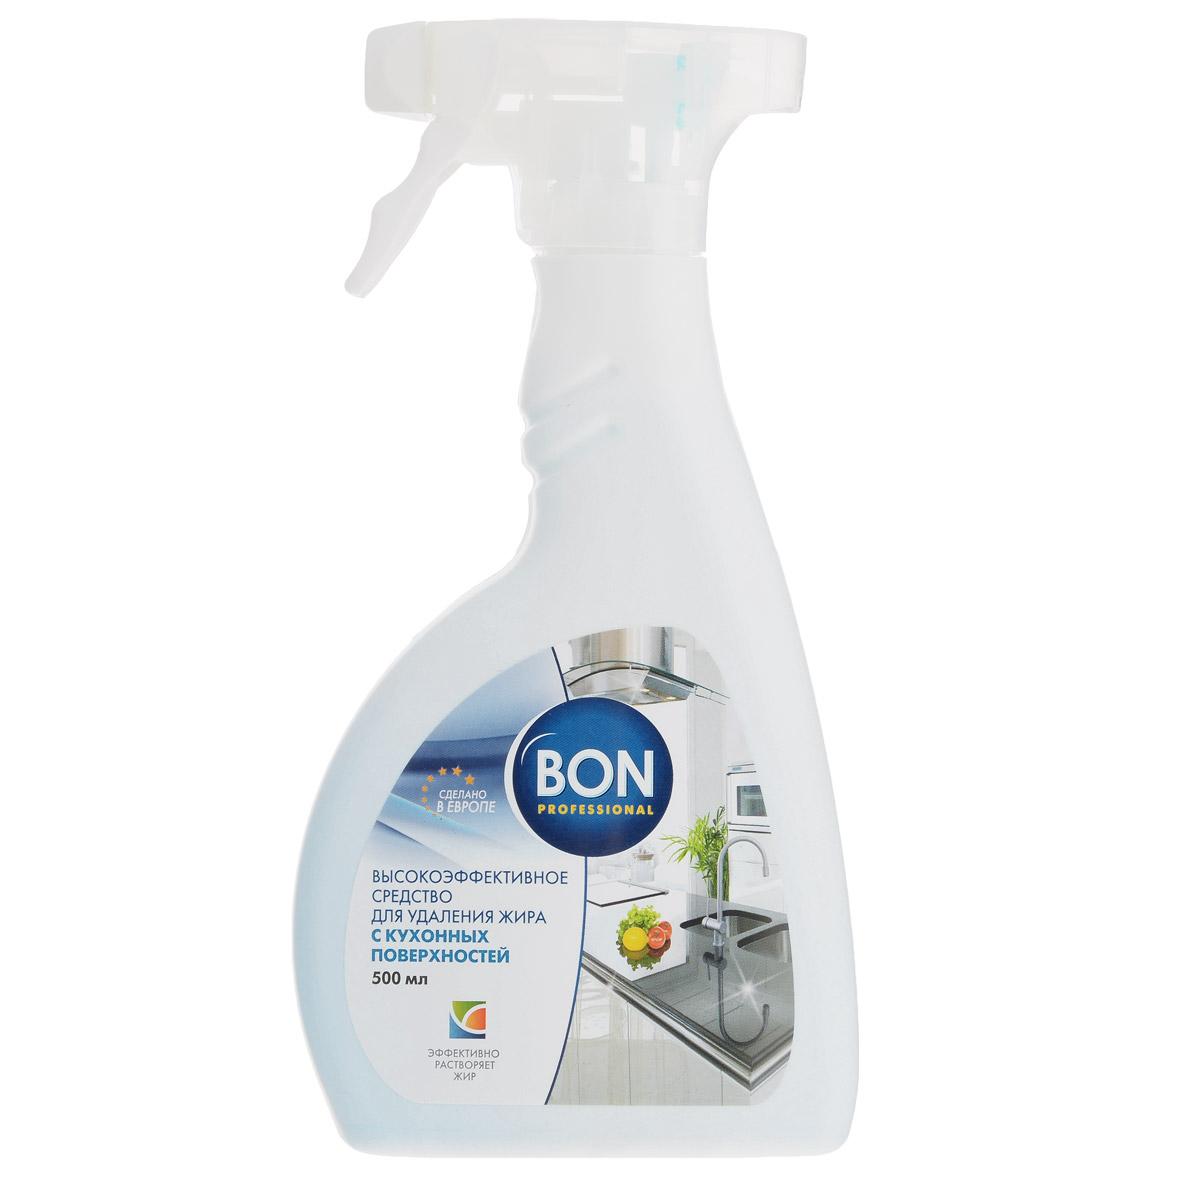 Чистящее средство для кухонных поверхностей Bon, 500 мл чистящее средство для варочных панелей bosch 311499